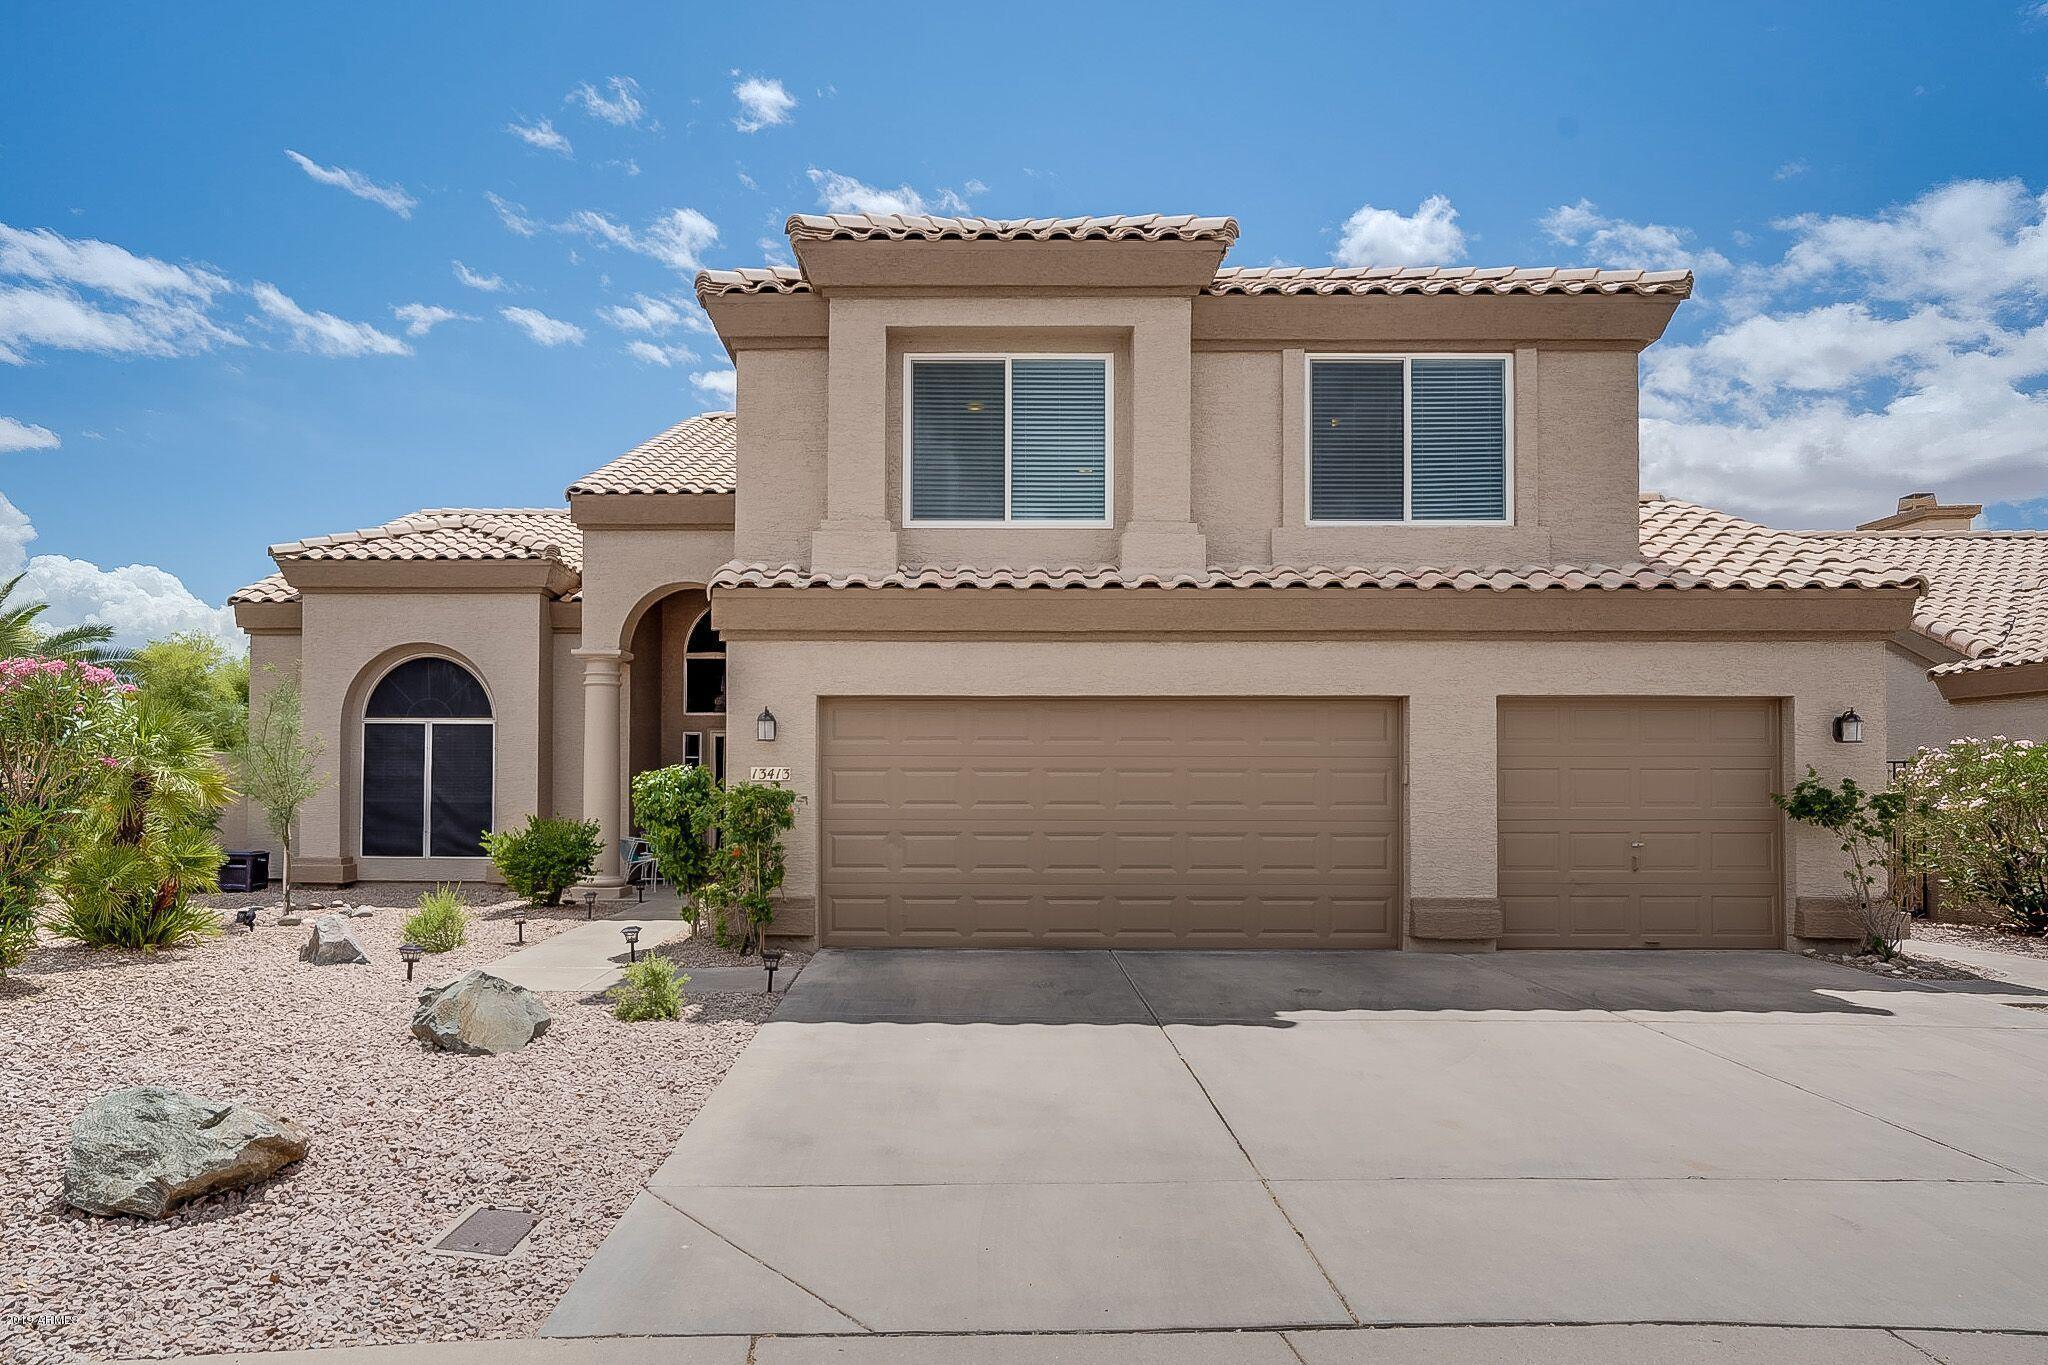 Photo of 13413 S 40TH Place, Phoenix, AZ 85044